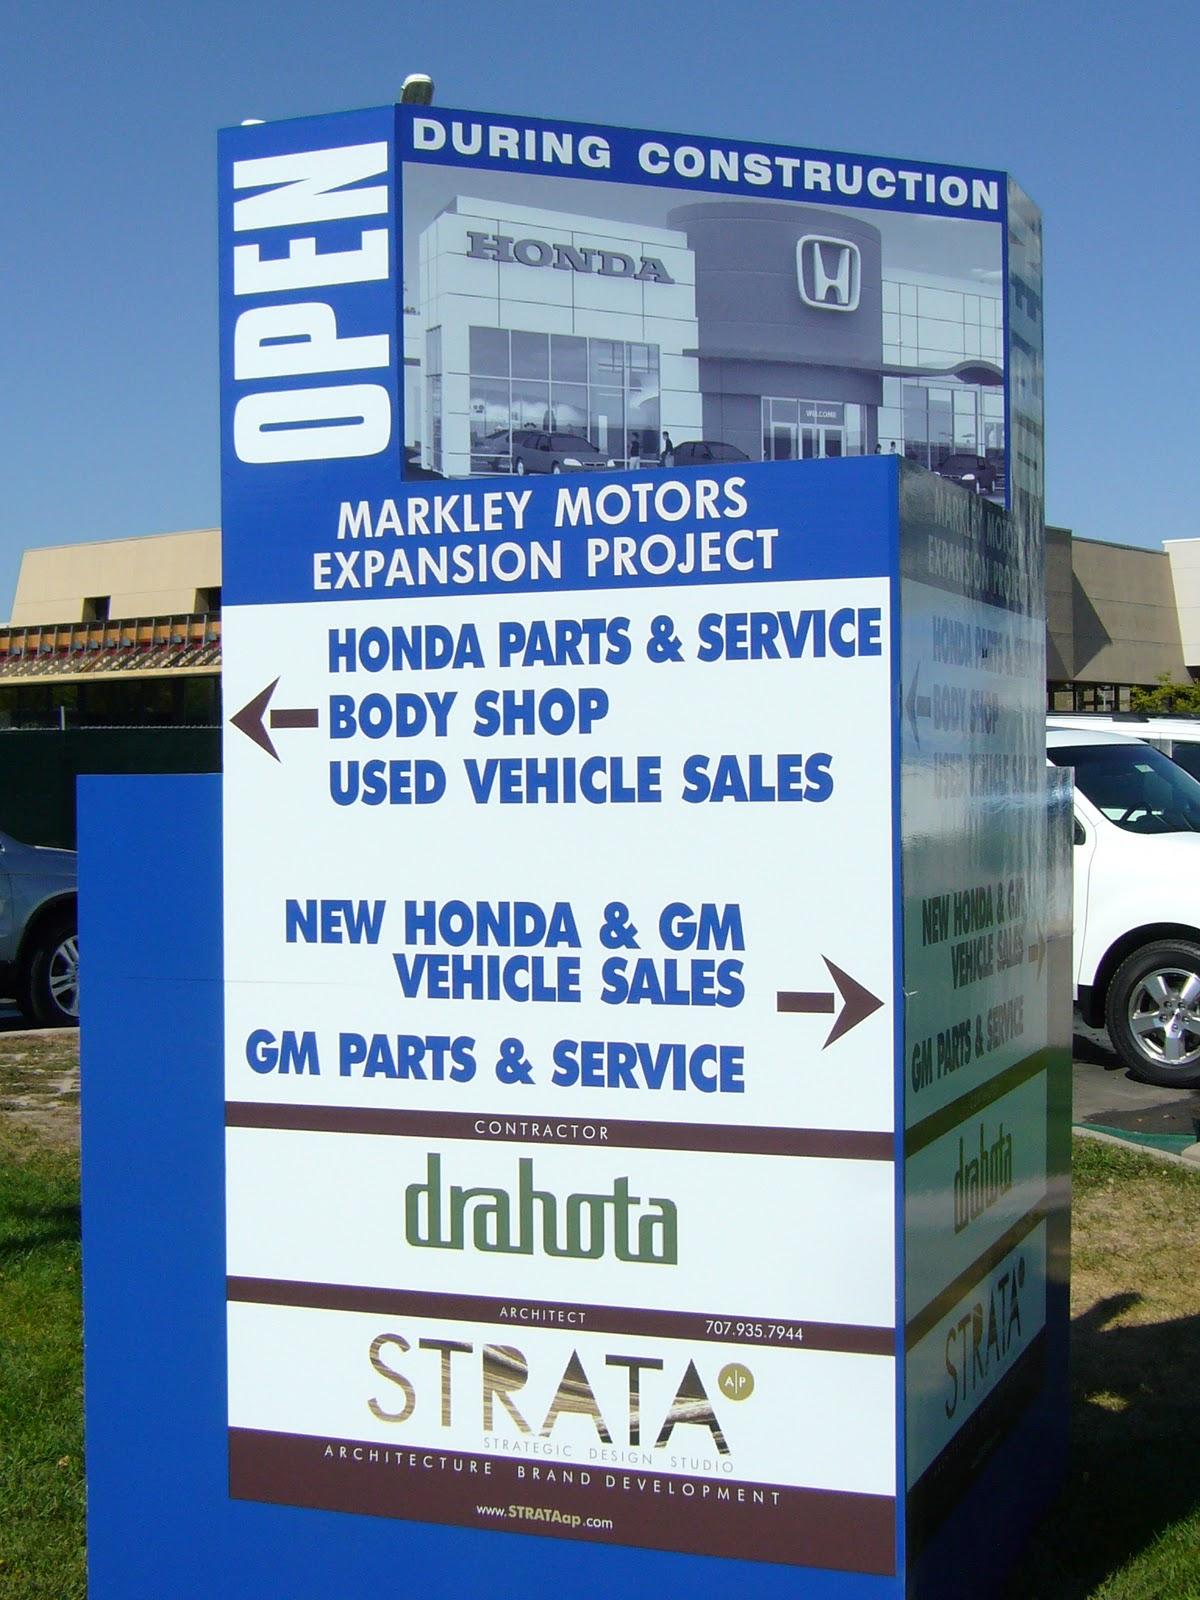 Markley Motors Corner Markley Motors Construction Update 1